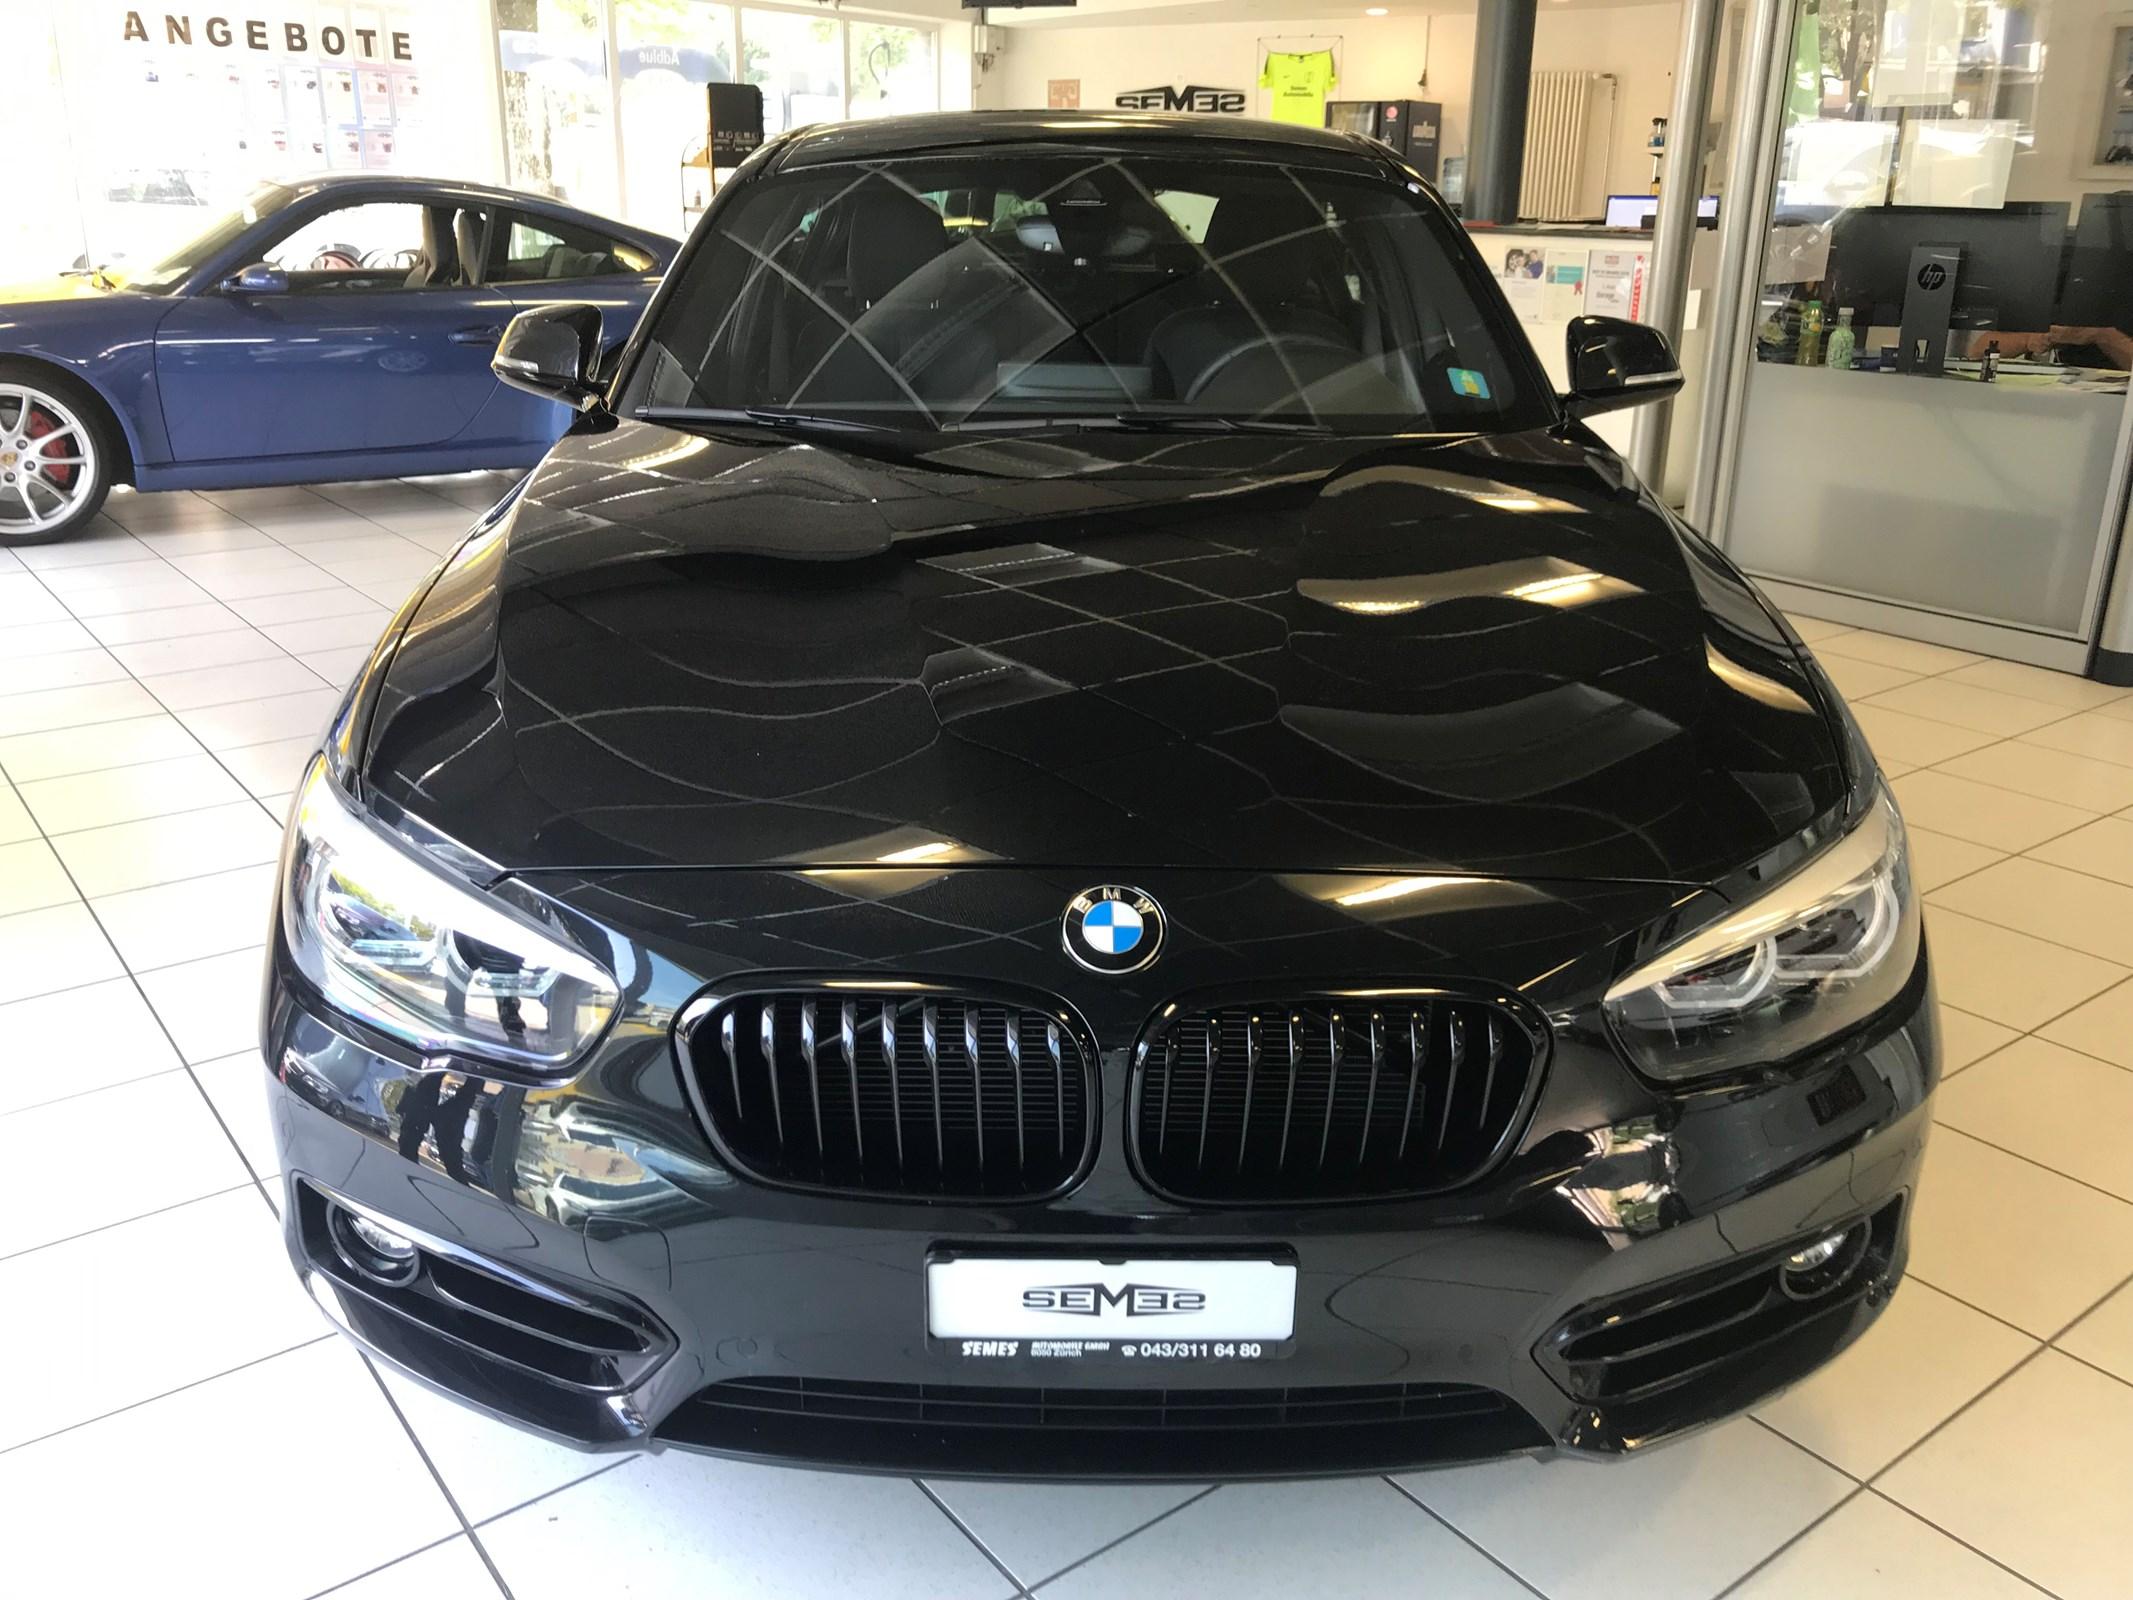 Gebraucht Limousine BMW 1er 118i Steptronic 22480 km für ...